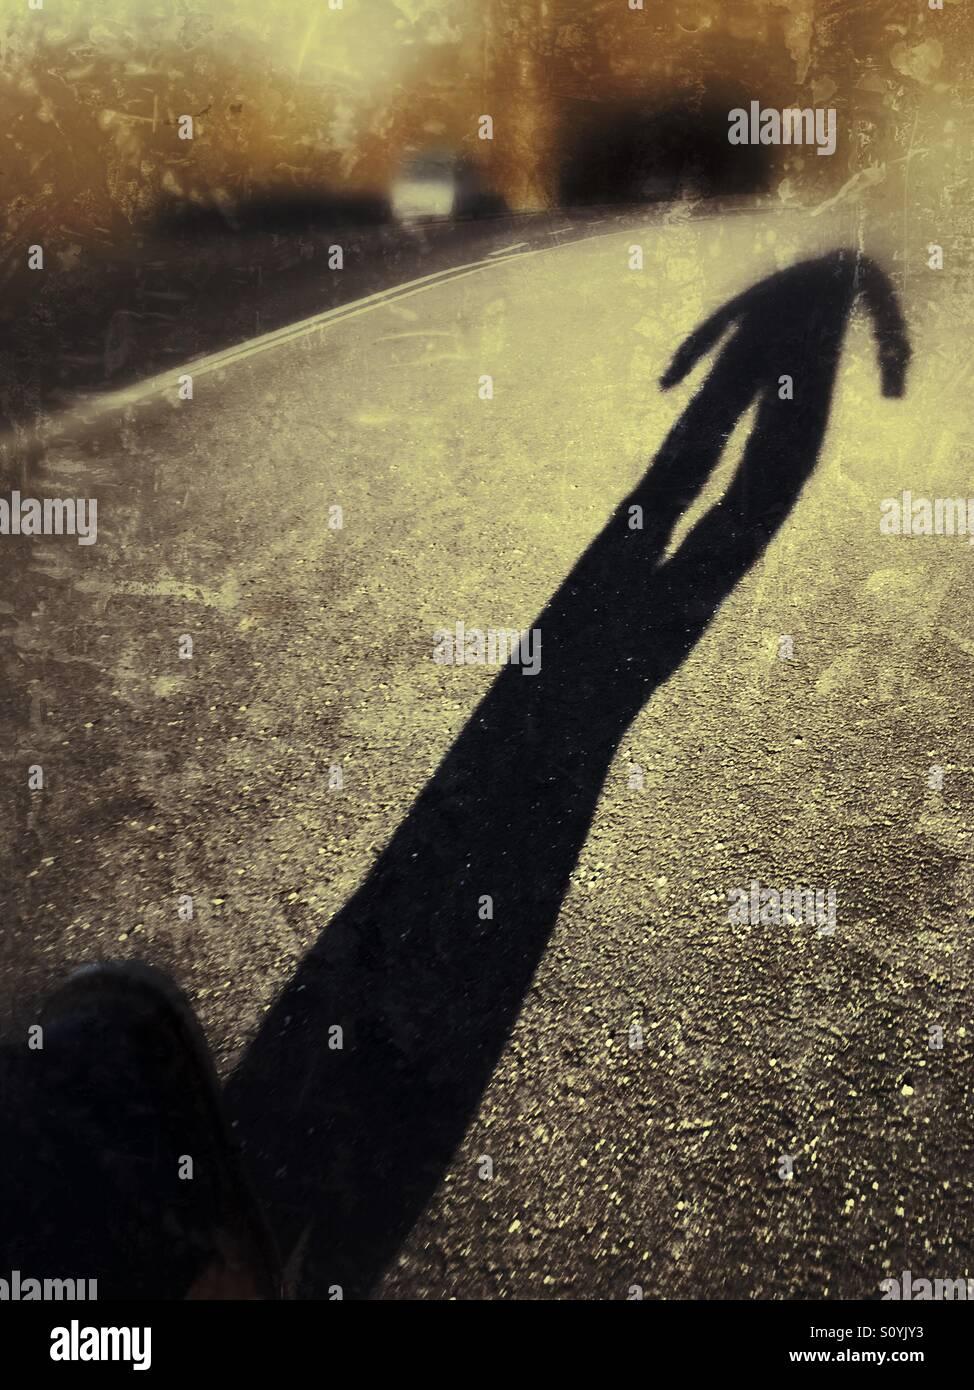 La lunga ombra di un uomo a camminare lungo una strada. Immagini Stock